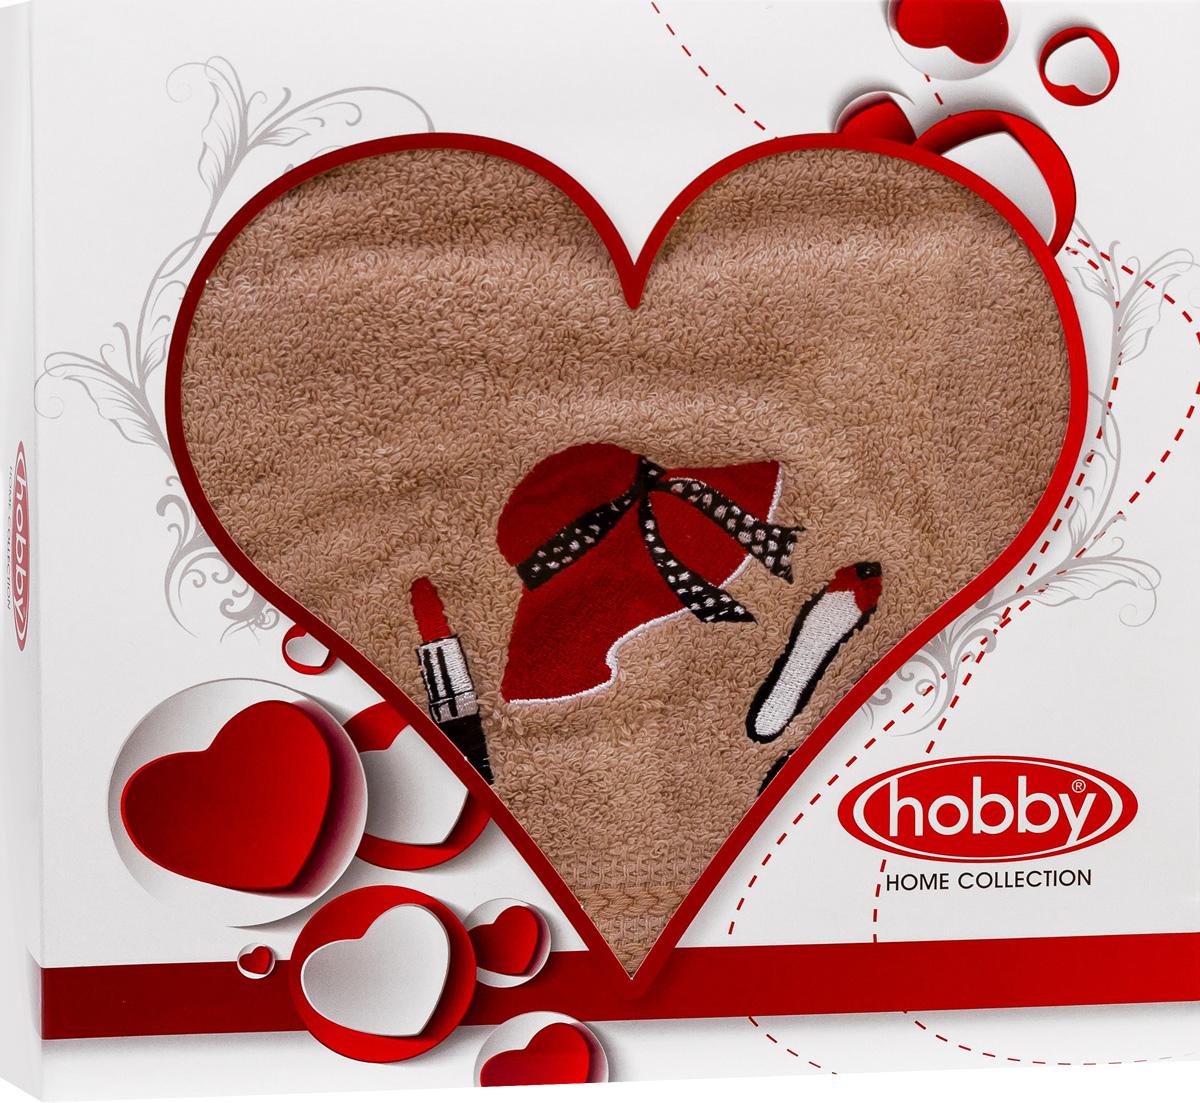 Полотенце Hobby Home Collection Love, 50 х 90 см. 15010005021501000502Полотенце Hobby Home Collection Love выполнено из 100% хлопка. Изделиеотлично впитывает влагу, быстро сохнет, сохраняет яркость цвета и не теряетформу даже после многократных стирок.Такое полотенце очень практично и неприхотливо в уходе. А простой, ностильный дизайн полотенца позволит ему вписаться даже в классическийинтерьер ванной комнаты.